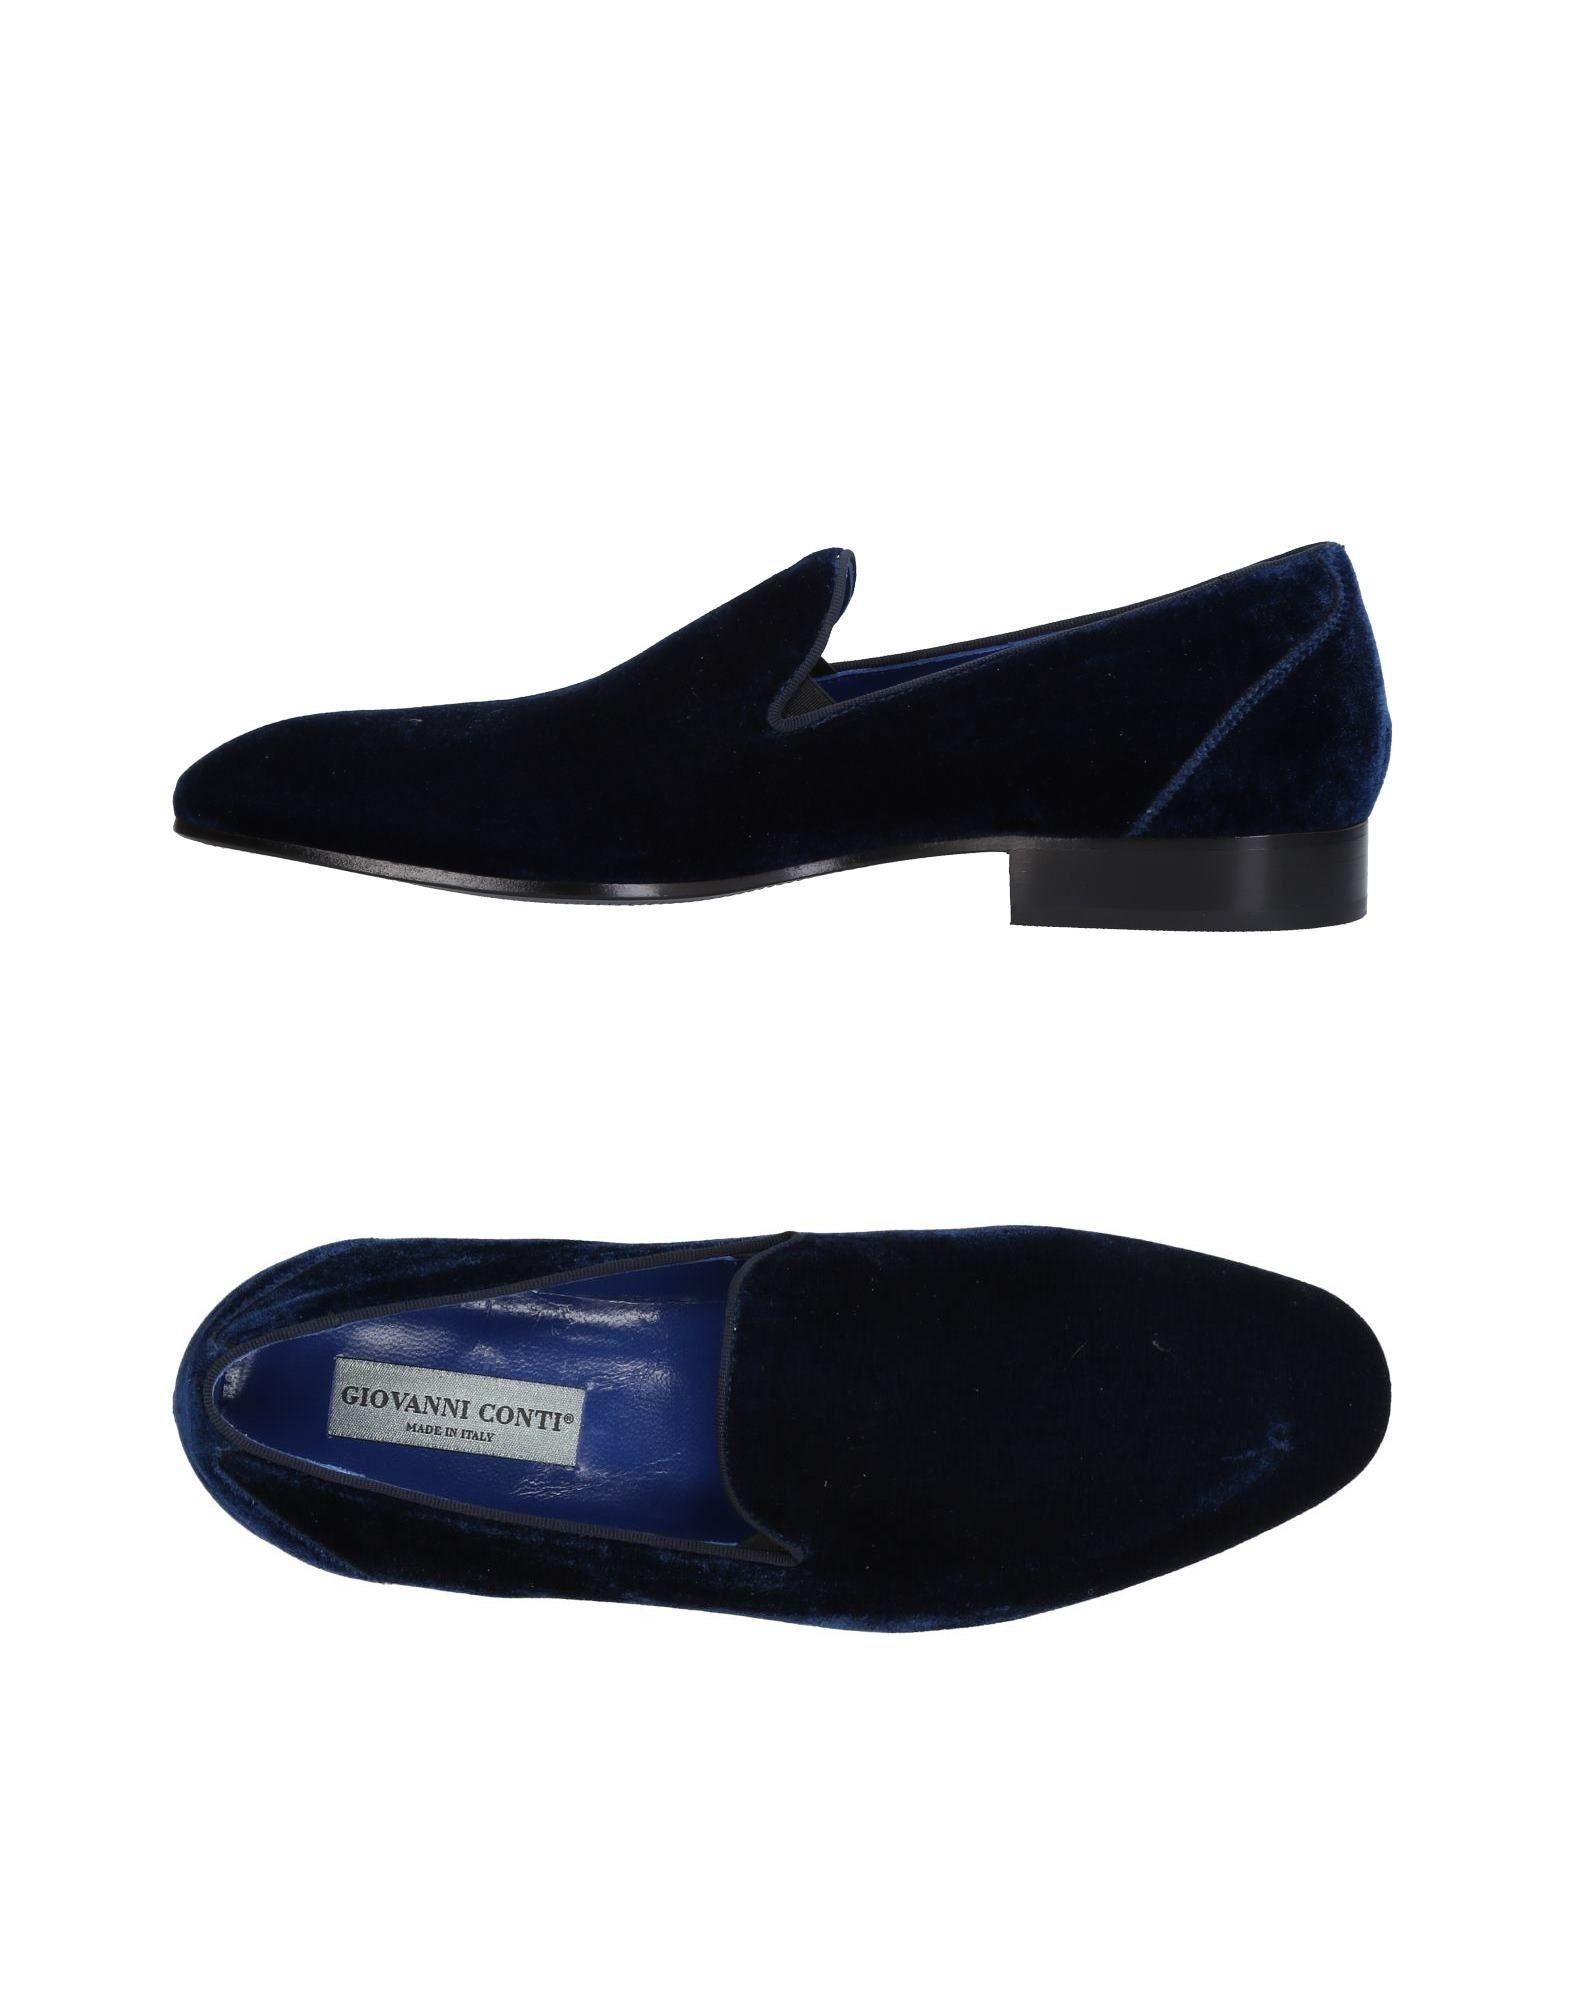 Giovanni Conti Mokassins Herren  11432793JT Gute Qualität beliebte Schuhe